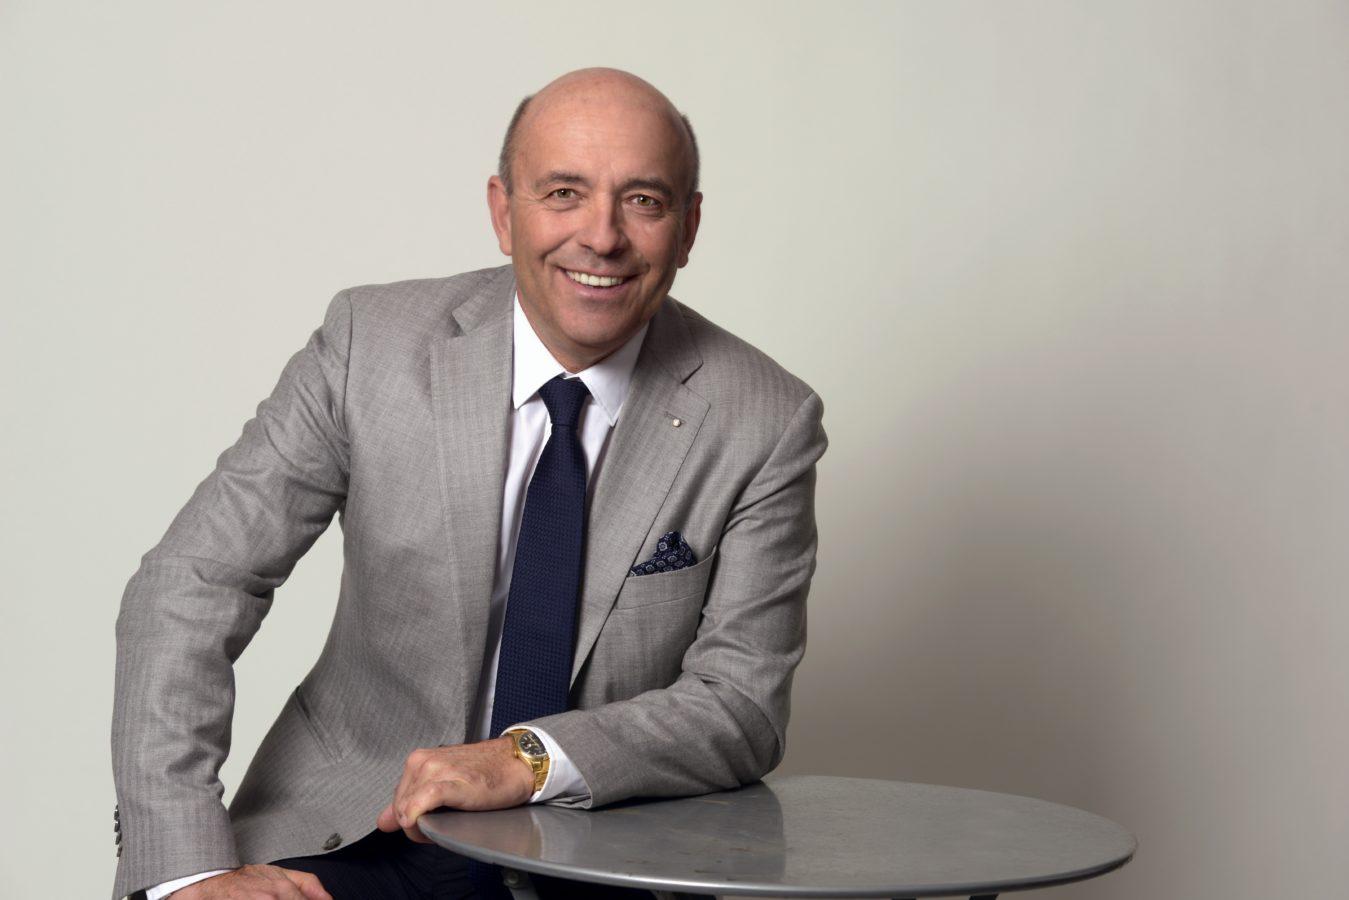 ADLATUS – Coup de pouce et soutien à la carte pour les PME et les indépendants